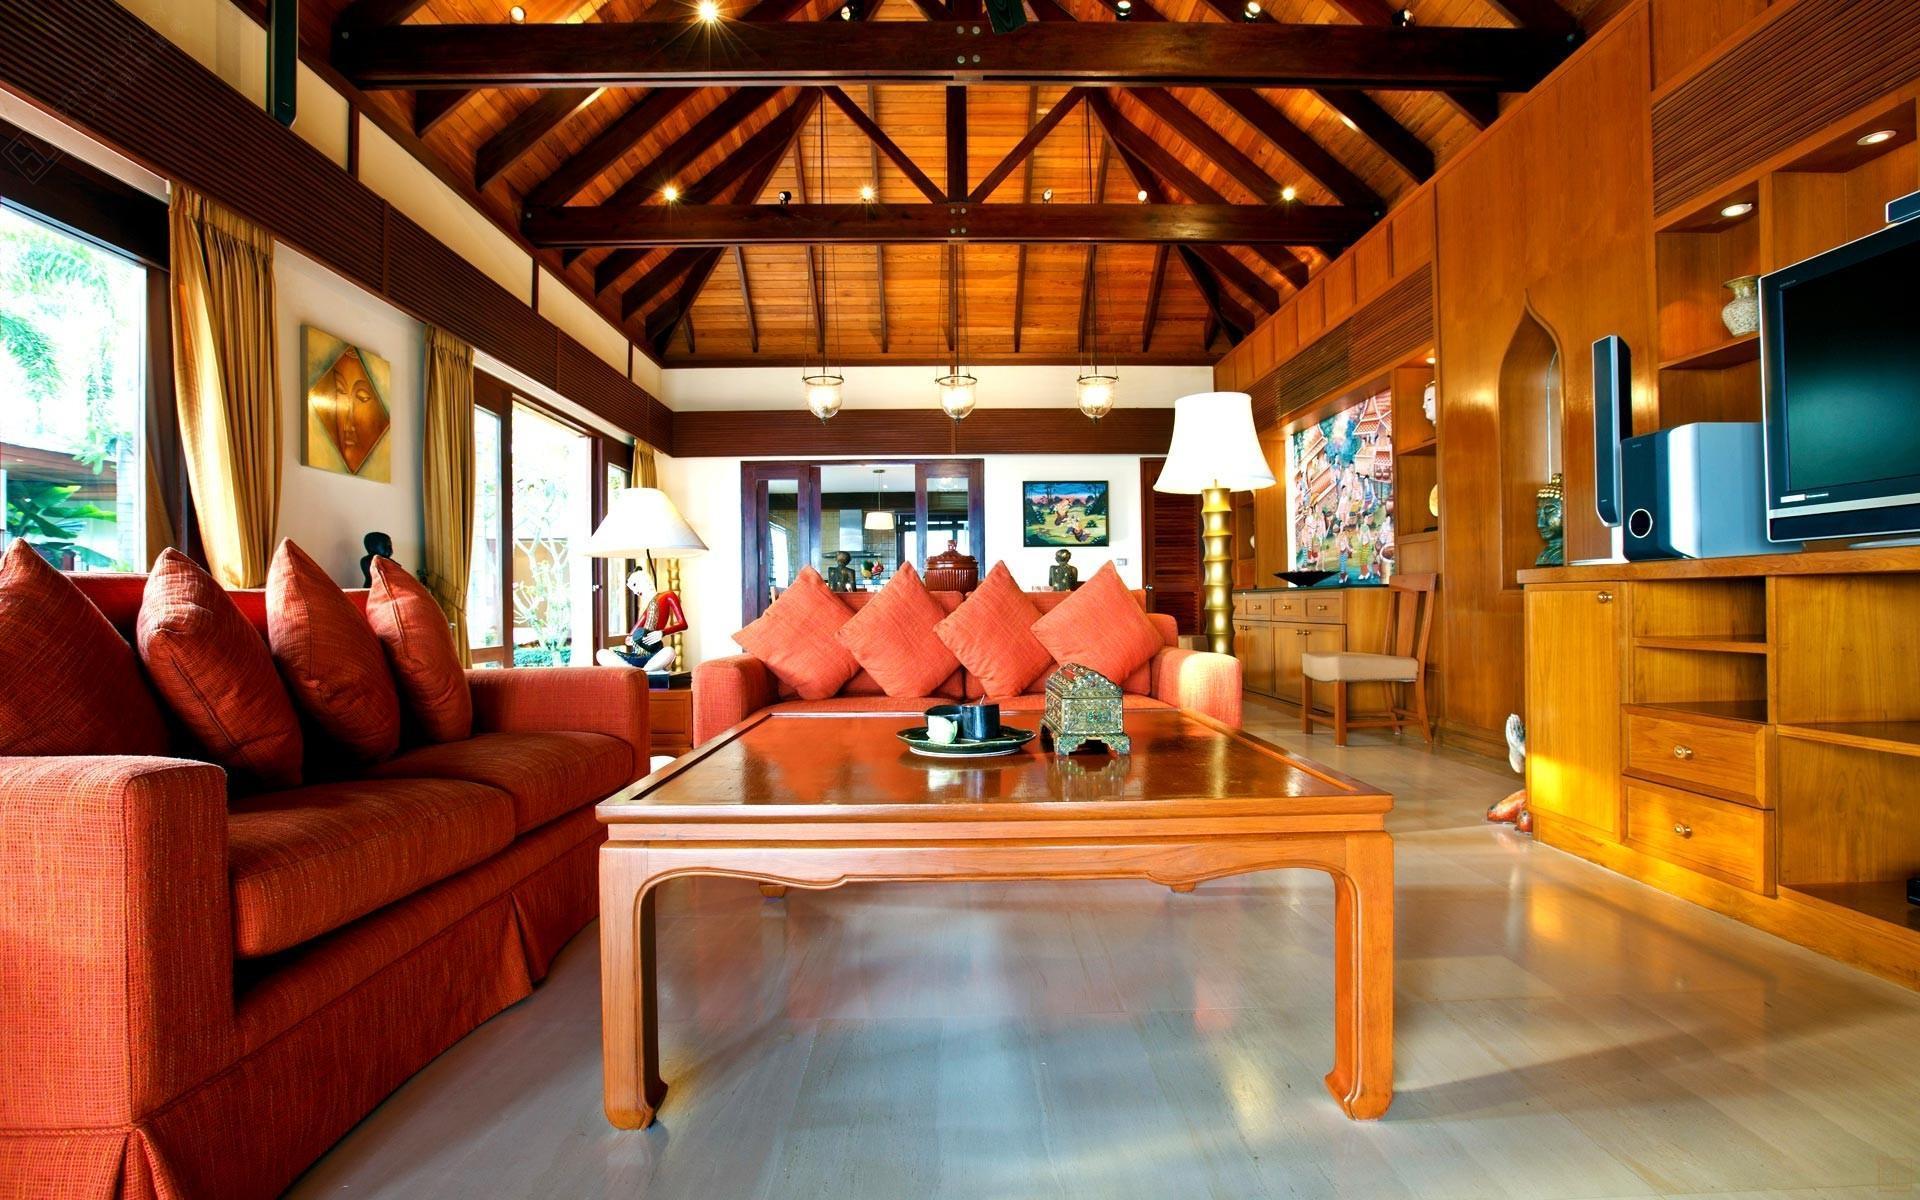 泰国苏梅岛密斯卡湾黄兰别墅客厅内景